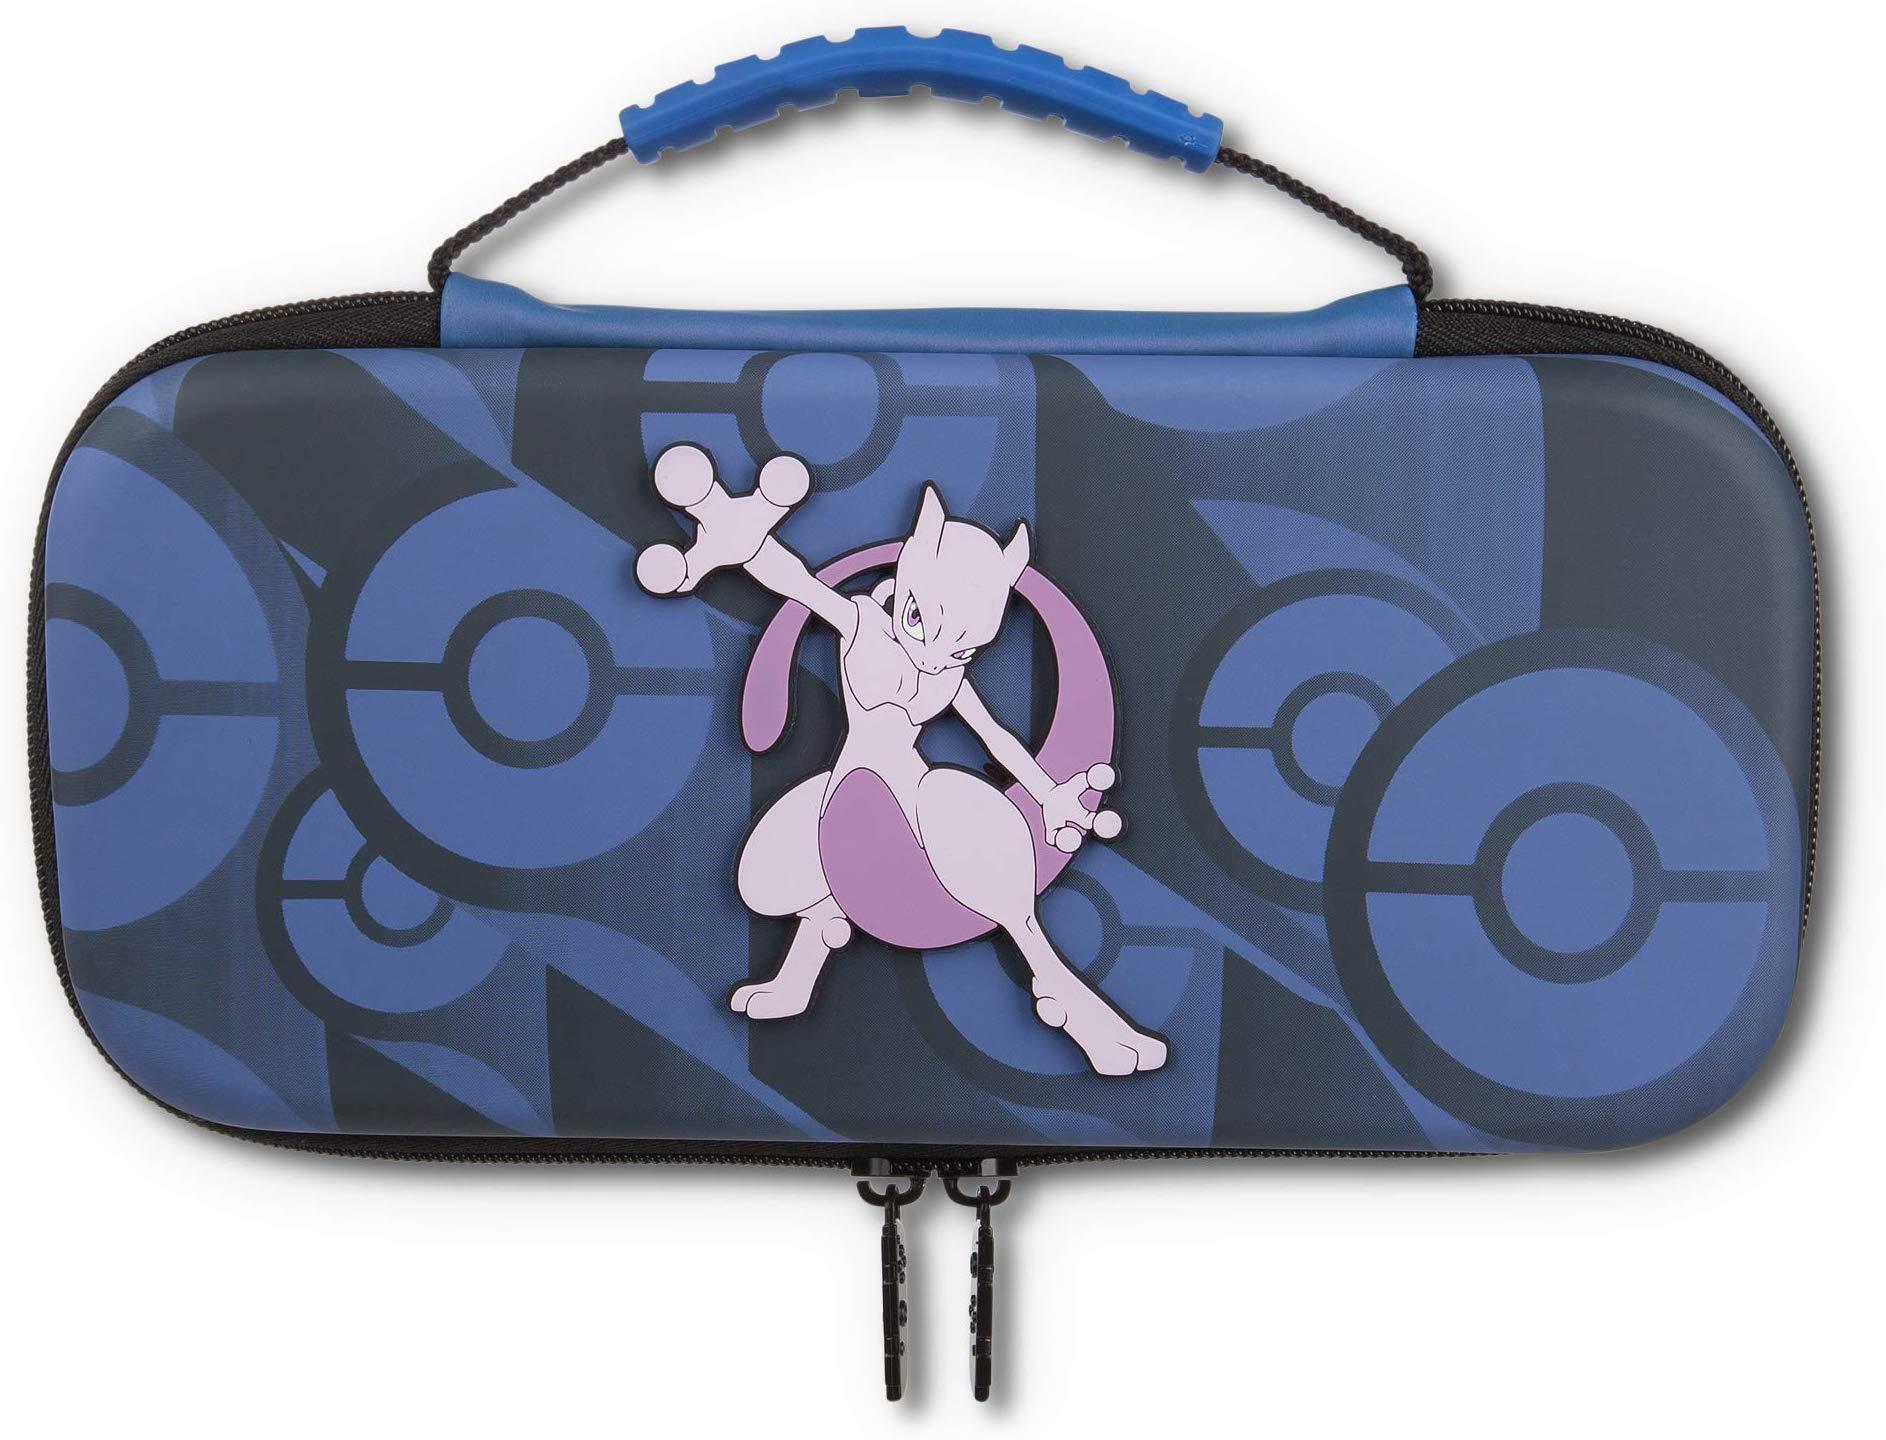 Case protetora Mewtwo - Nintendo Switch